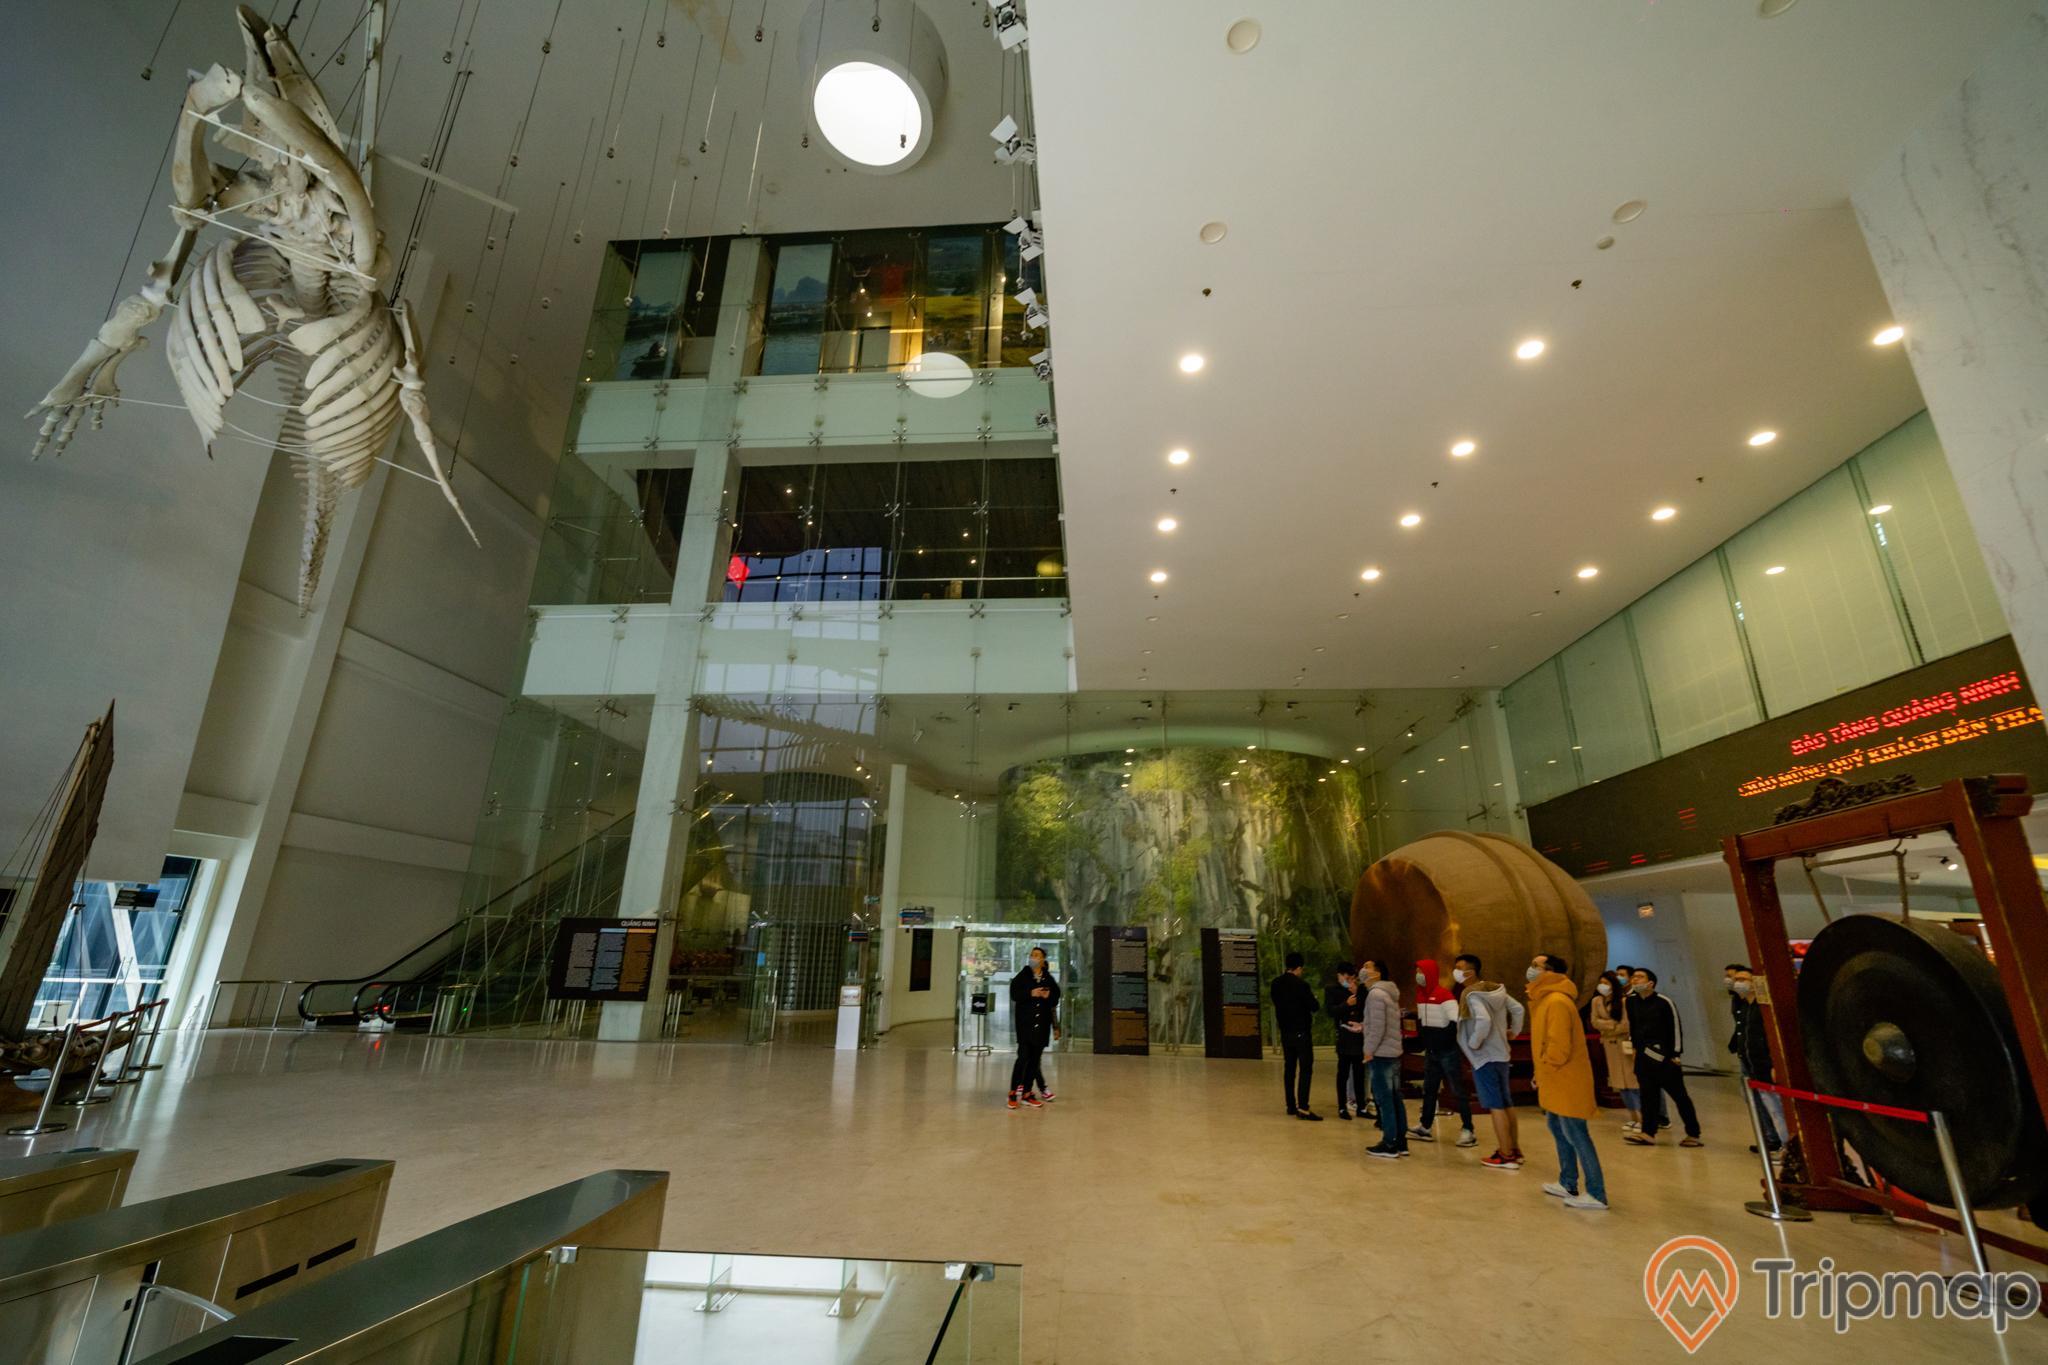 Bảo tàng Quảng Ninh, biển cả và tự nhiên, xương cá voi, nền nhà màu vàng, nhiều người đang đứng trên nền nhà màu vàng, trần nhà màu trắng, ảnh chụp ban ngày